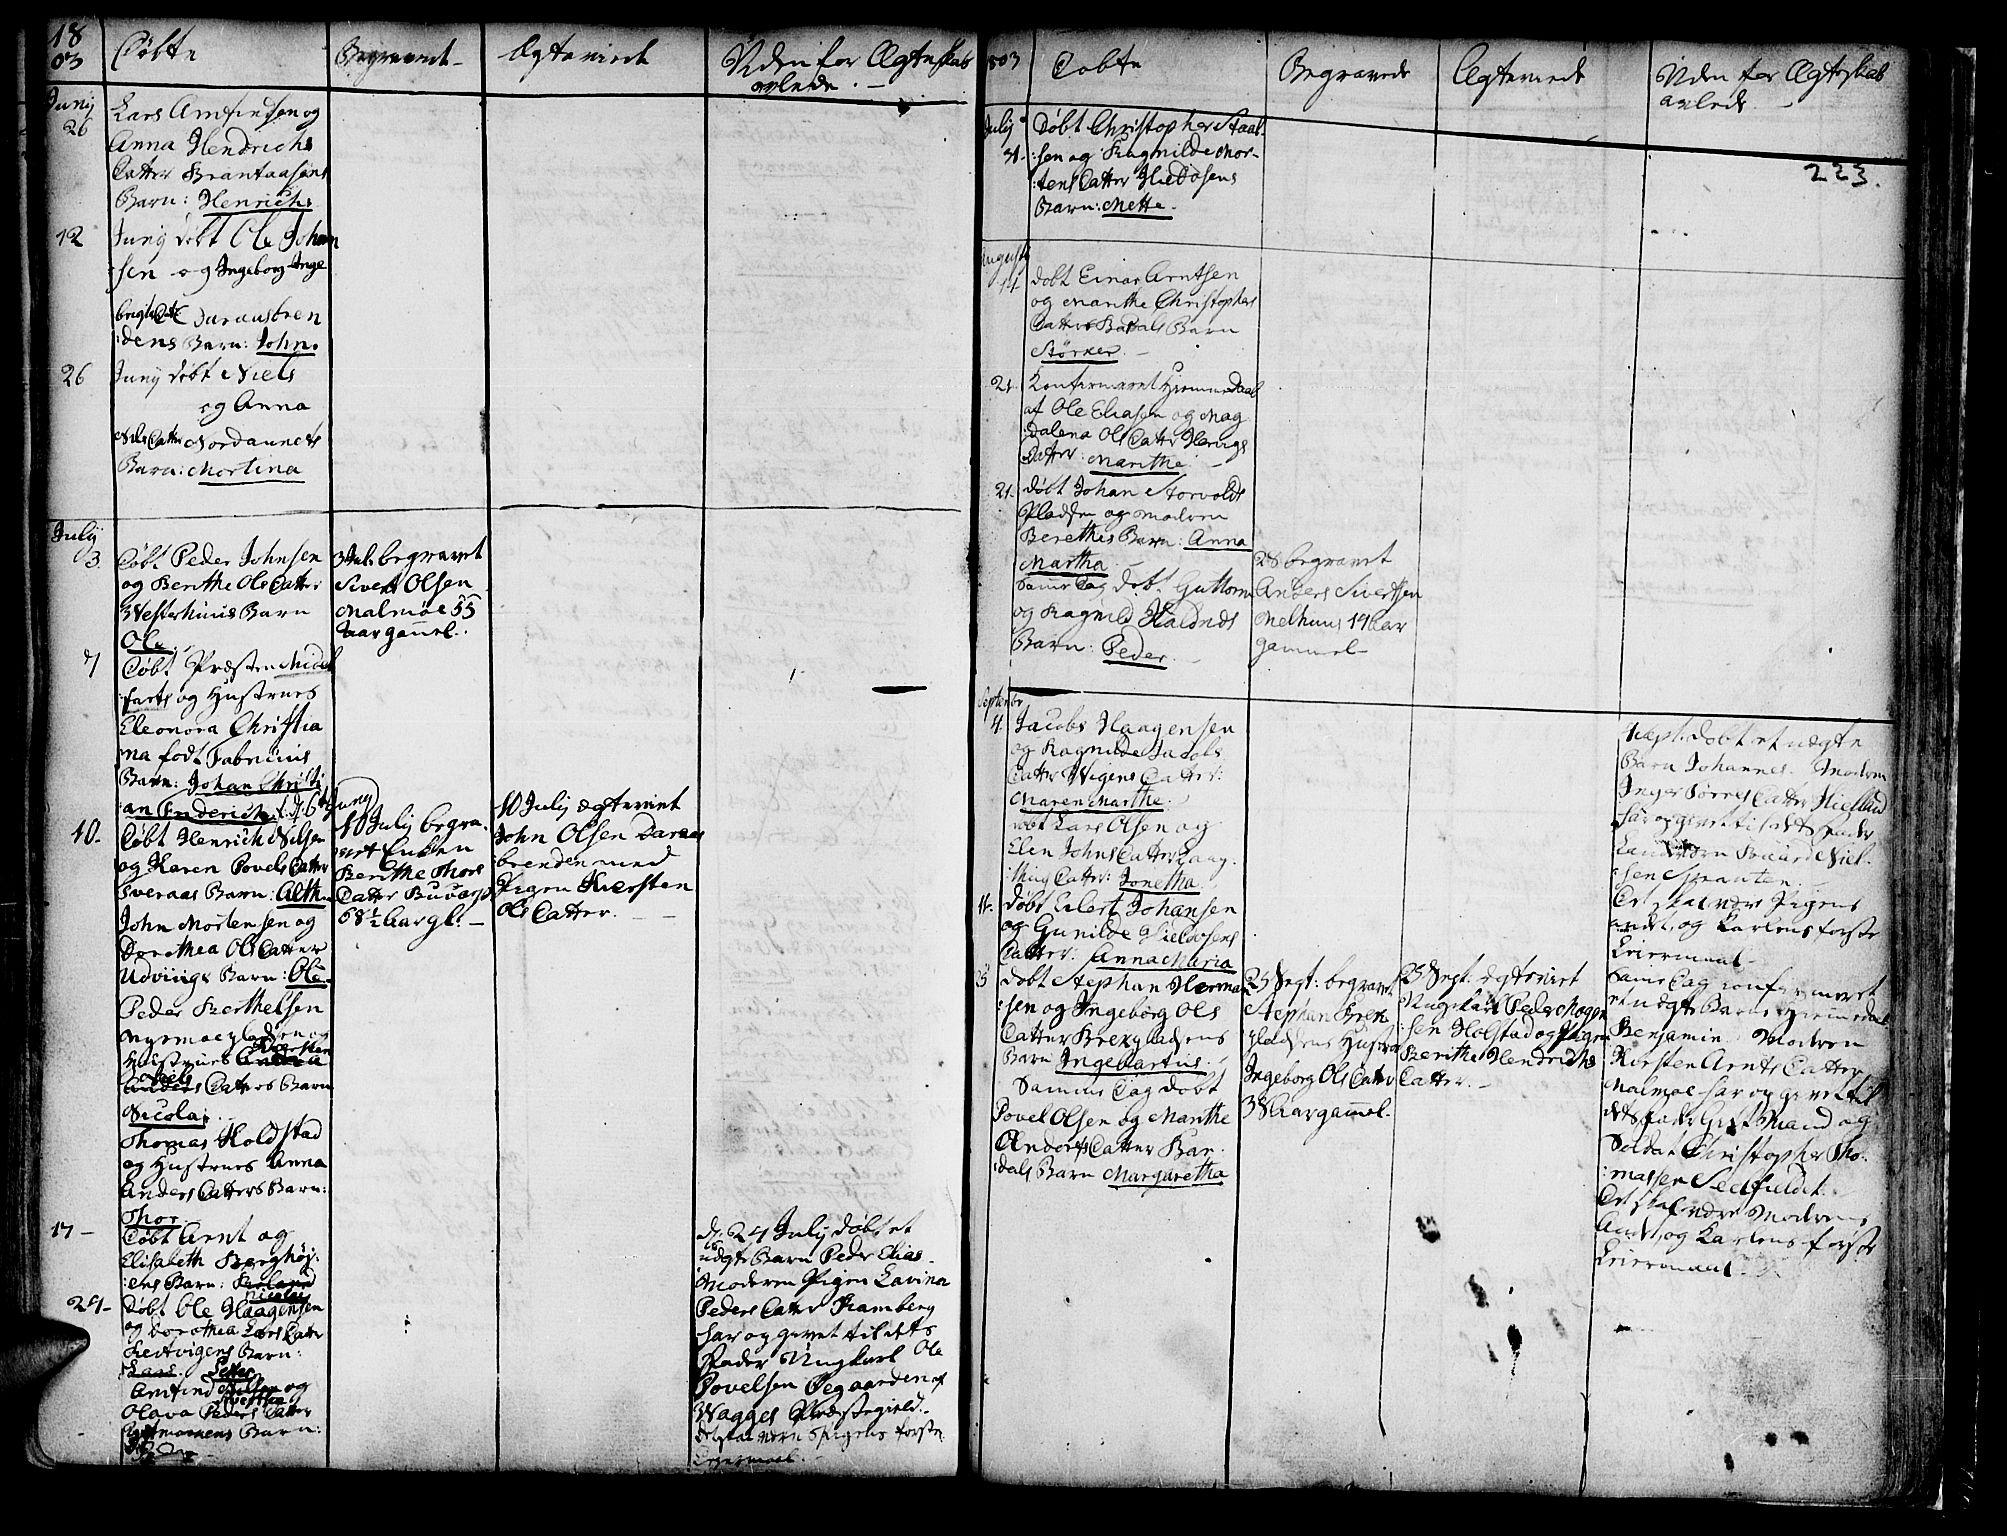 SAT, Ministerialprotokoller, klokkerbøker og fødselsregistre - Nord-Trøndelag, 741/L0385: Ministerialbok nr. 741A01, 1722-1815, s. 223